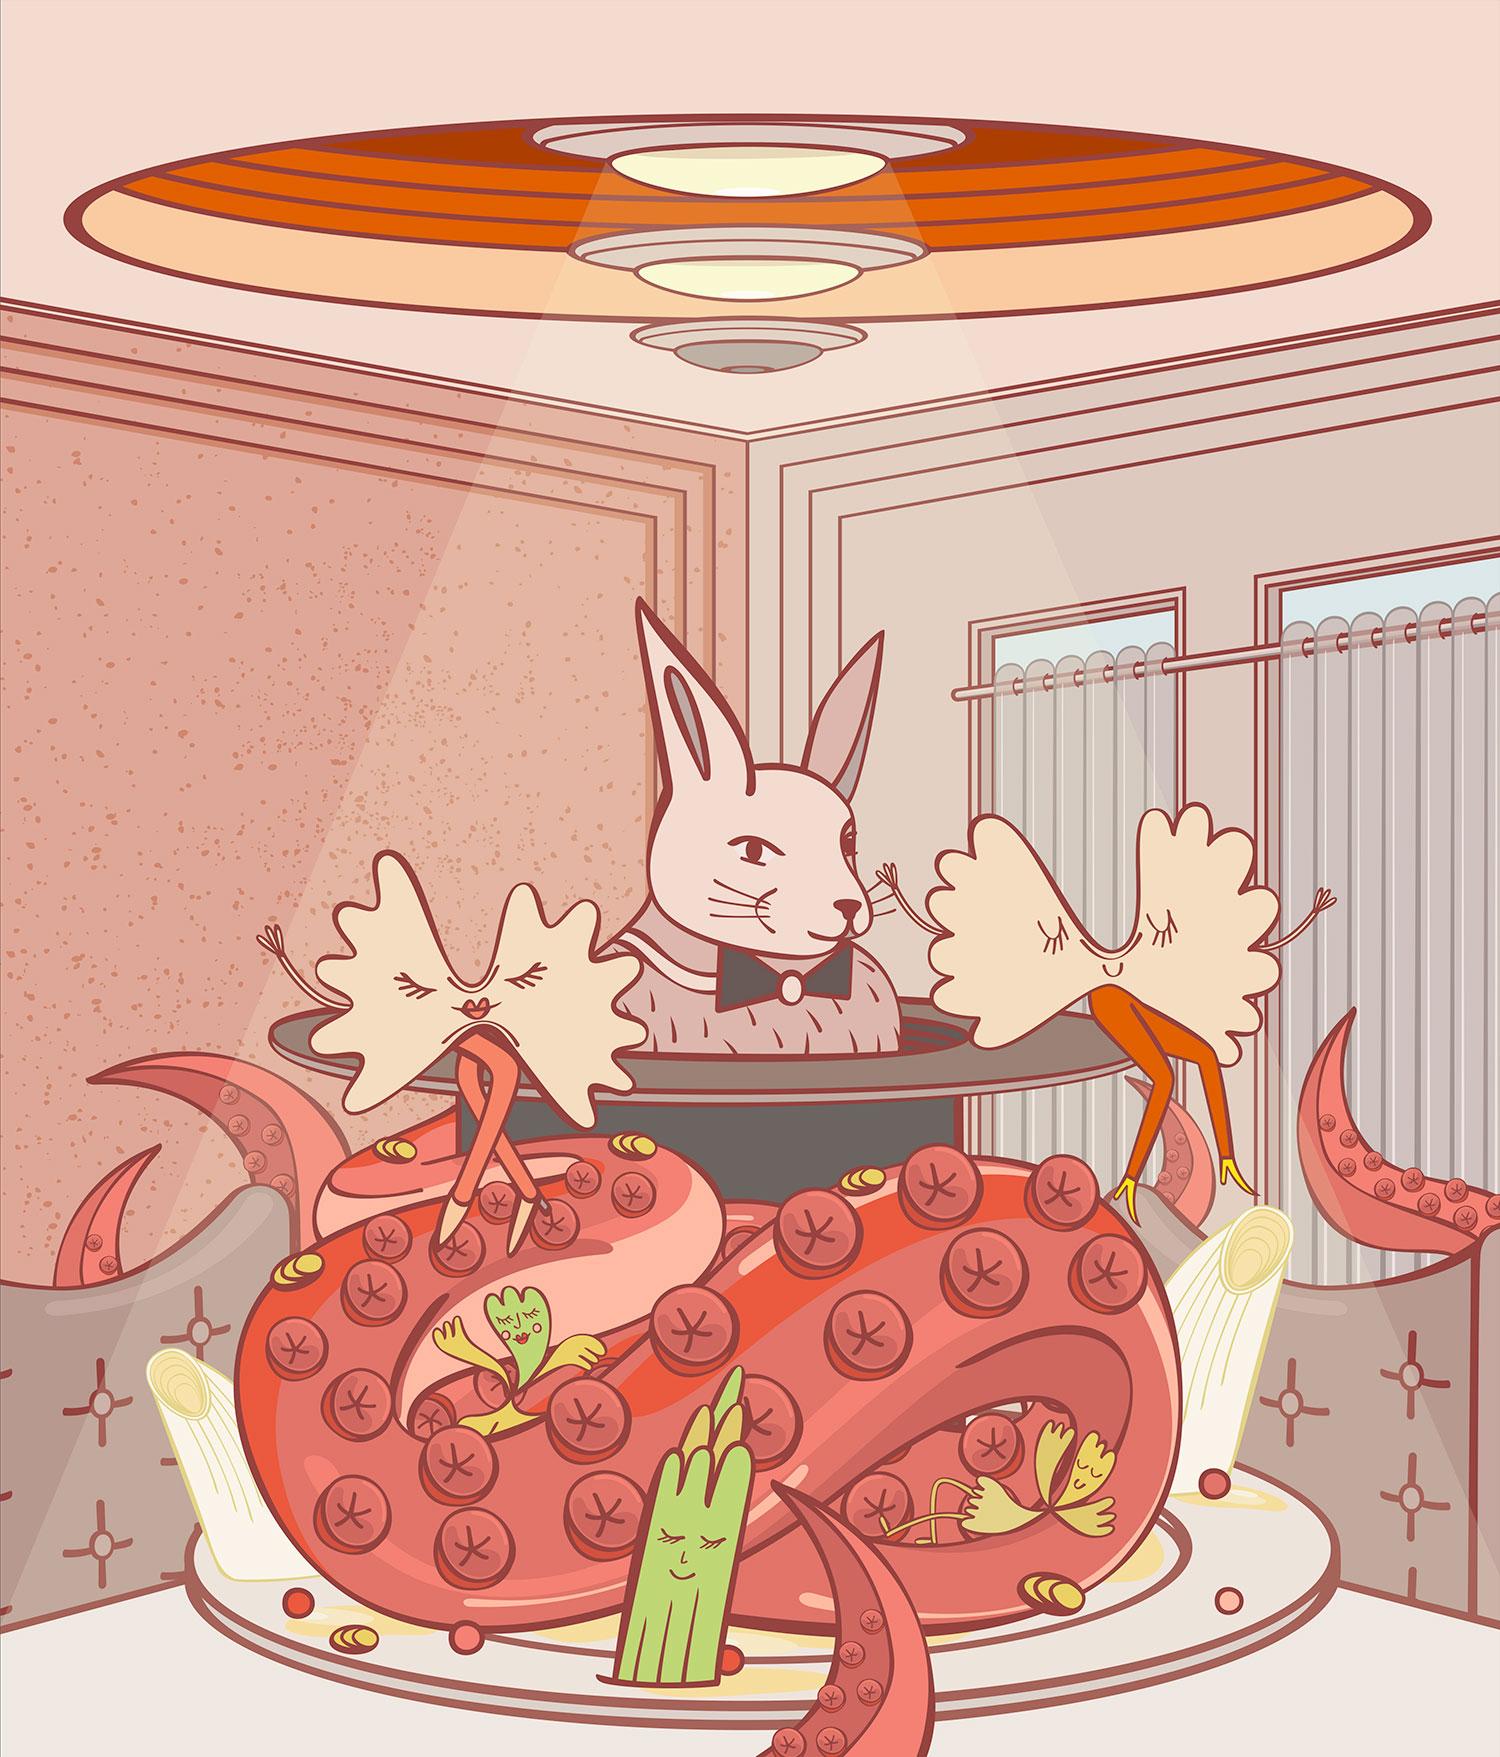 Restaurant Review Illustrated: Penati al Baretto in Paris.